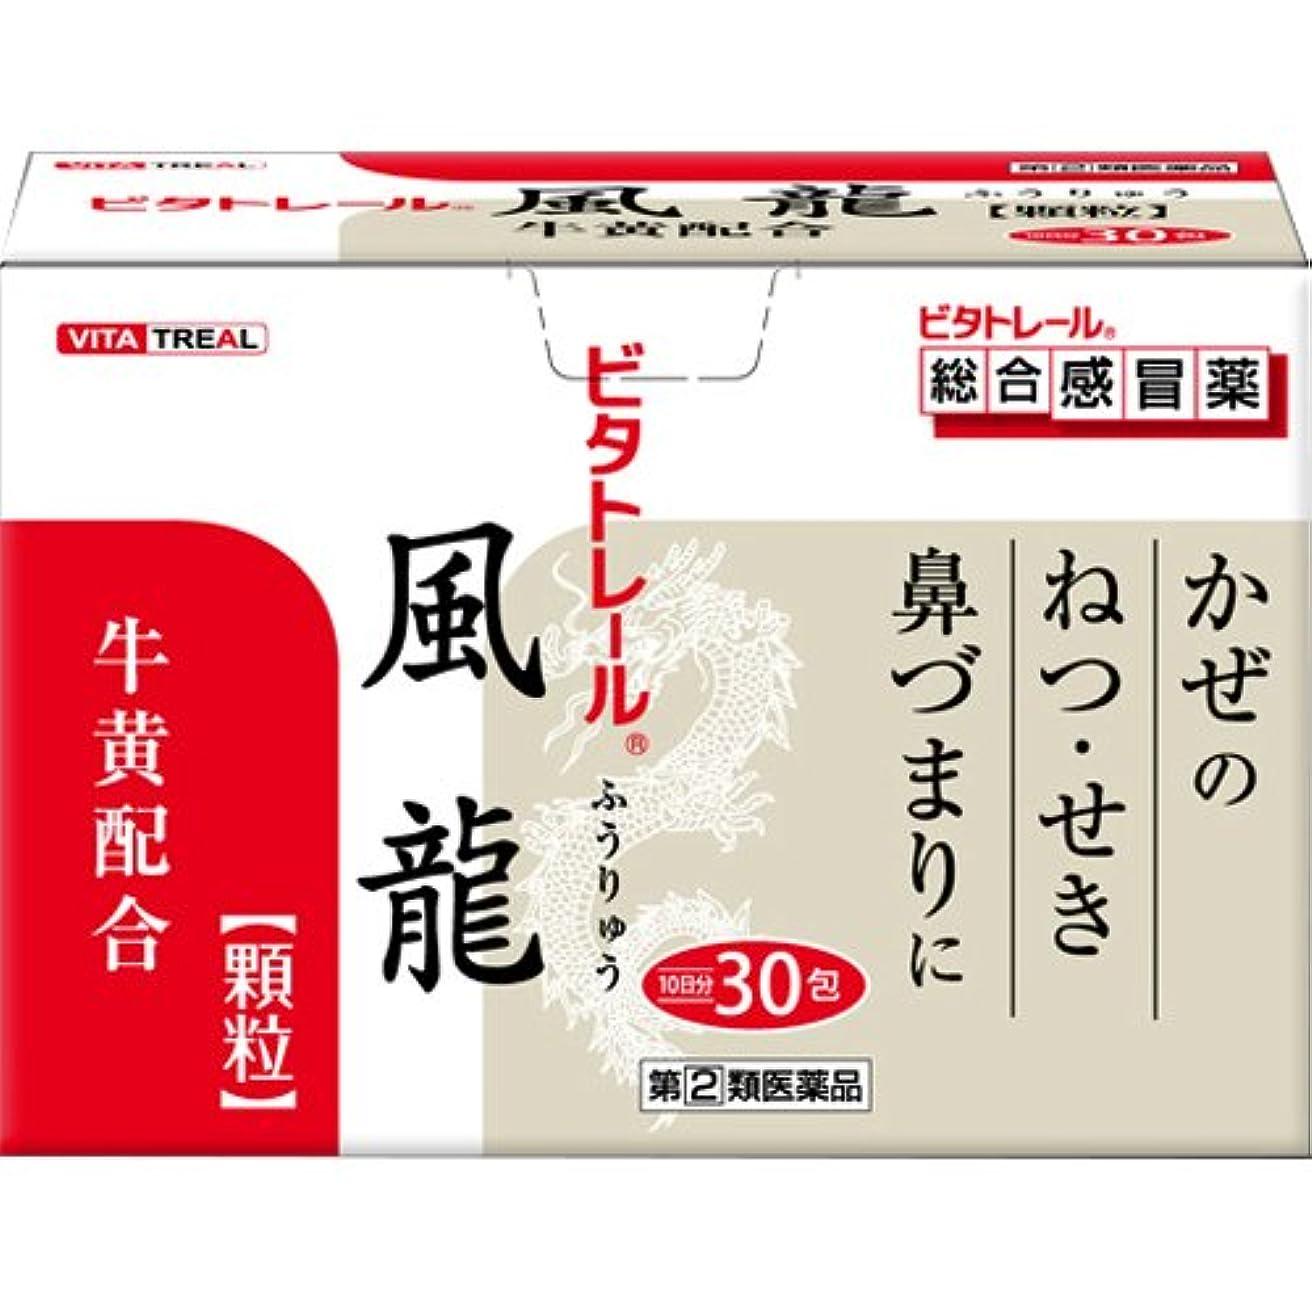 起点トラック袋【指定第2類医薬品】ビタトレール風龍[顆粒] 30包